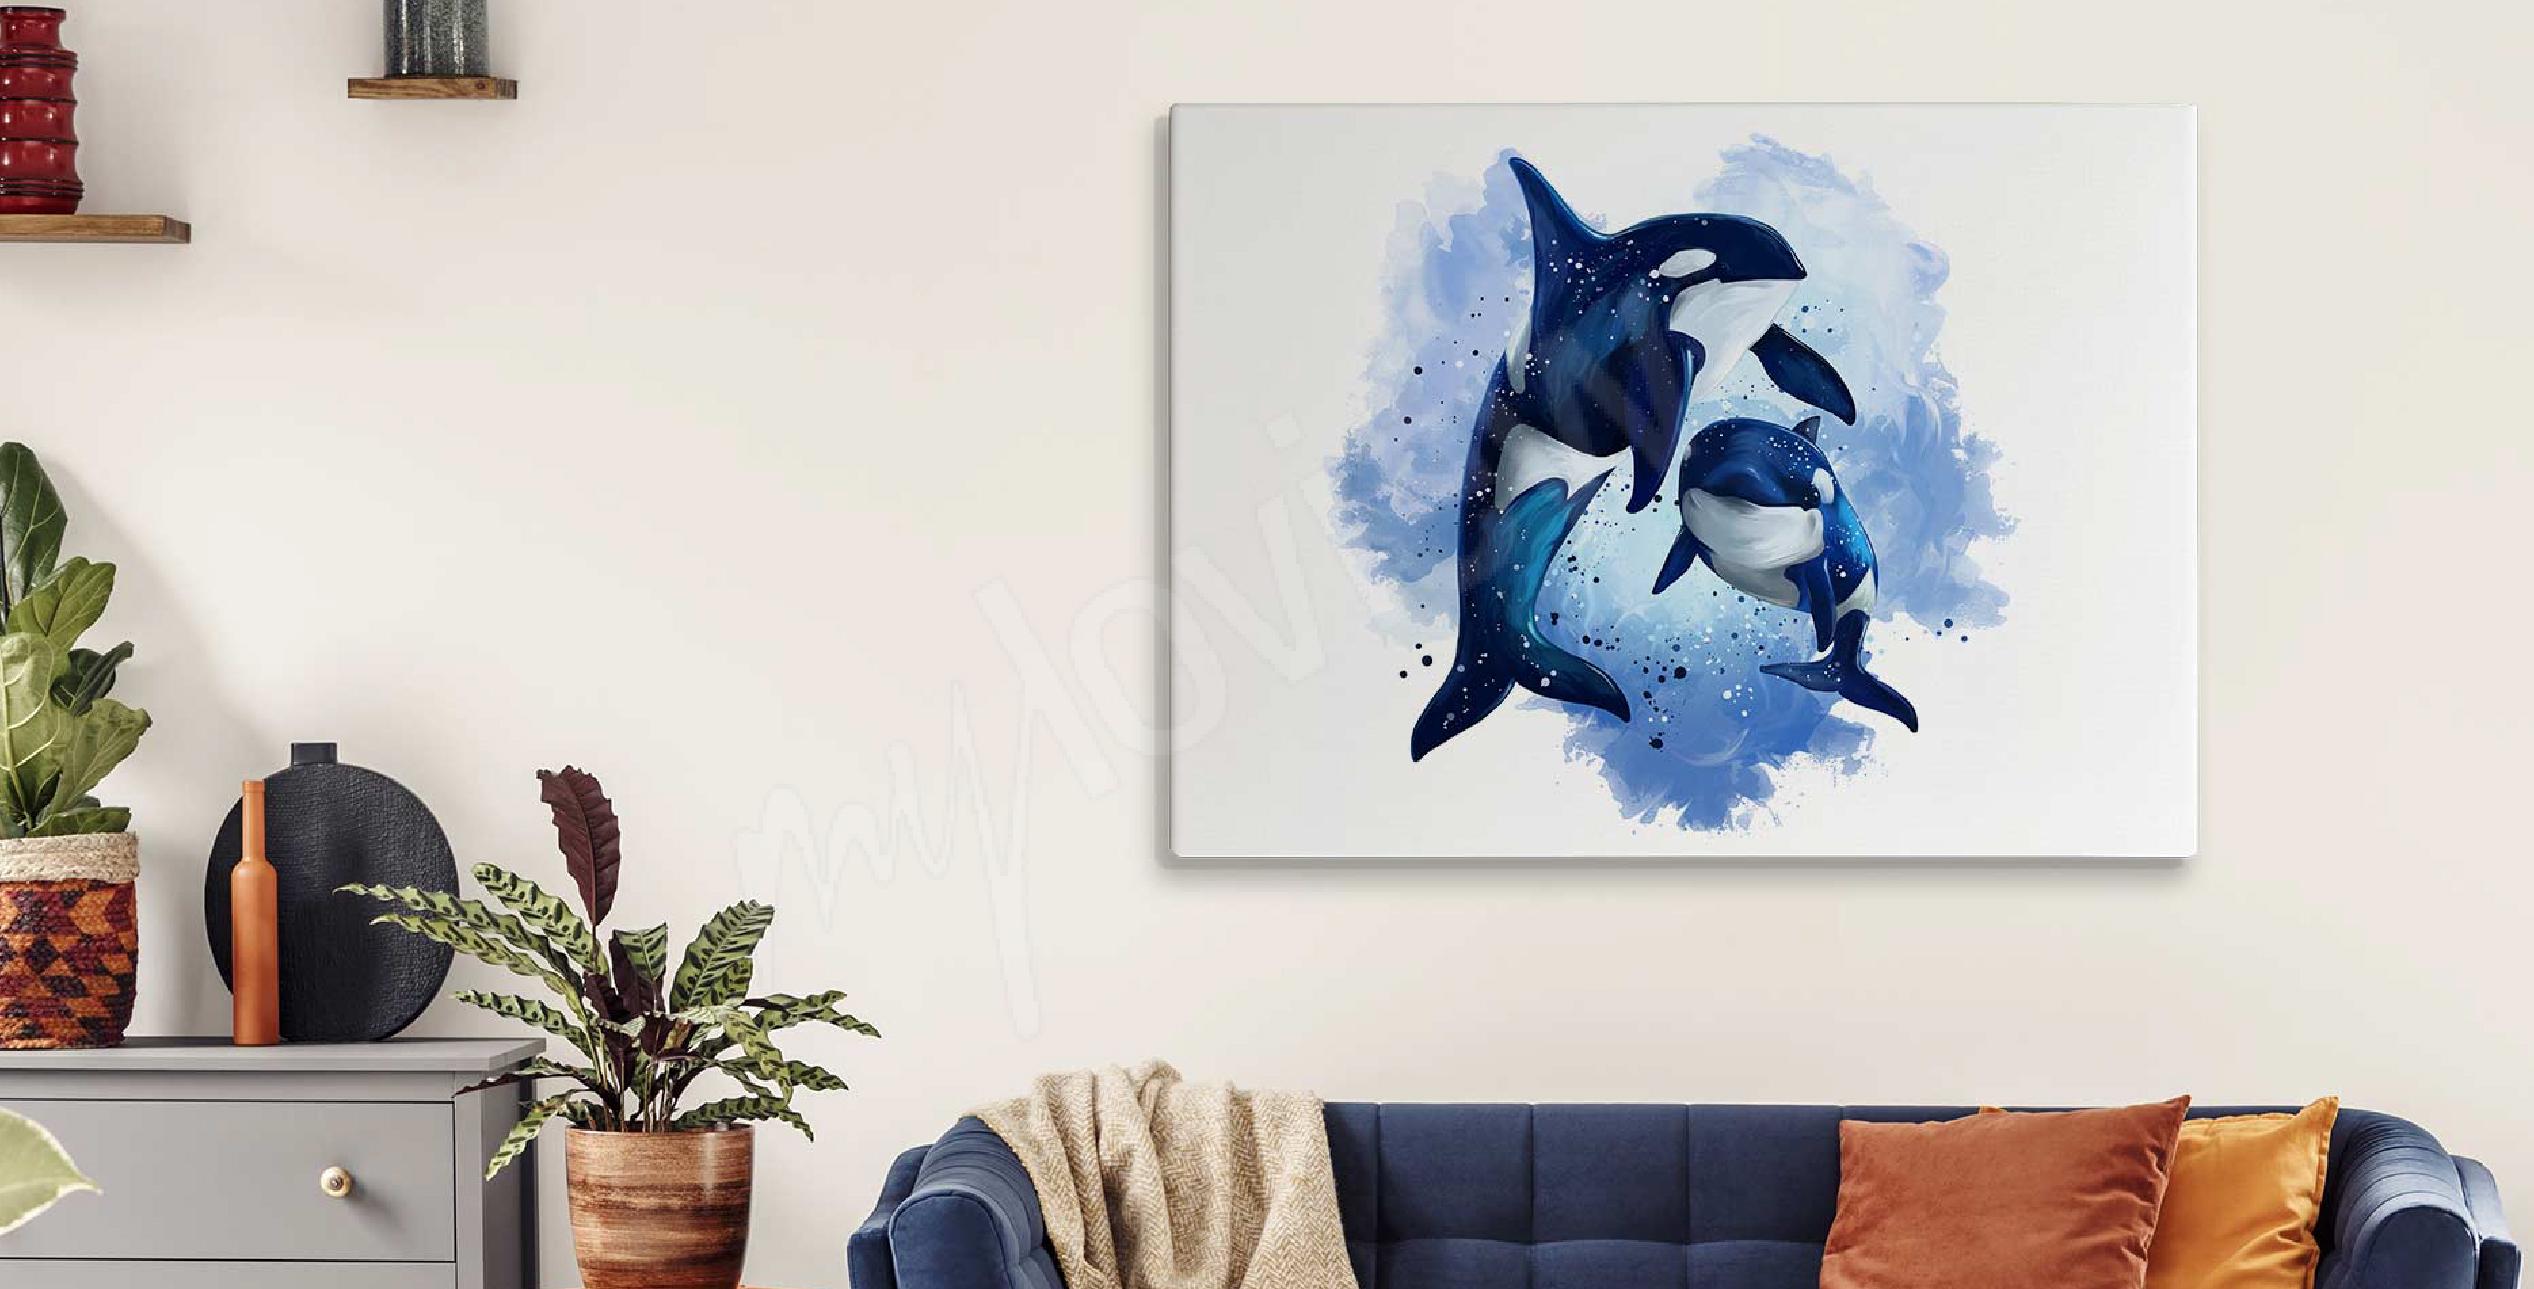 Cuadro acuarela y delfines